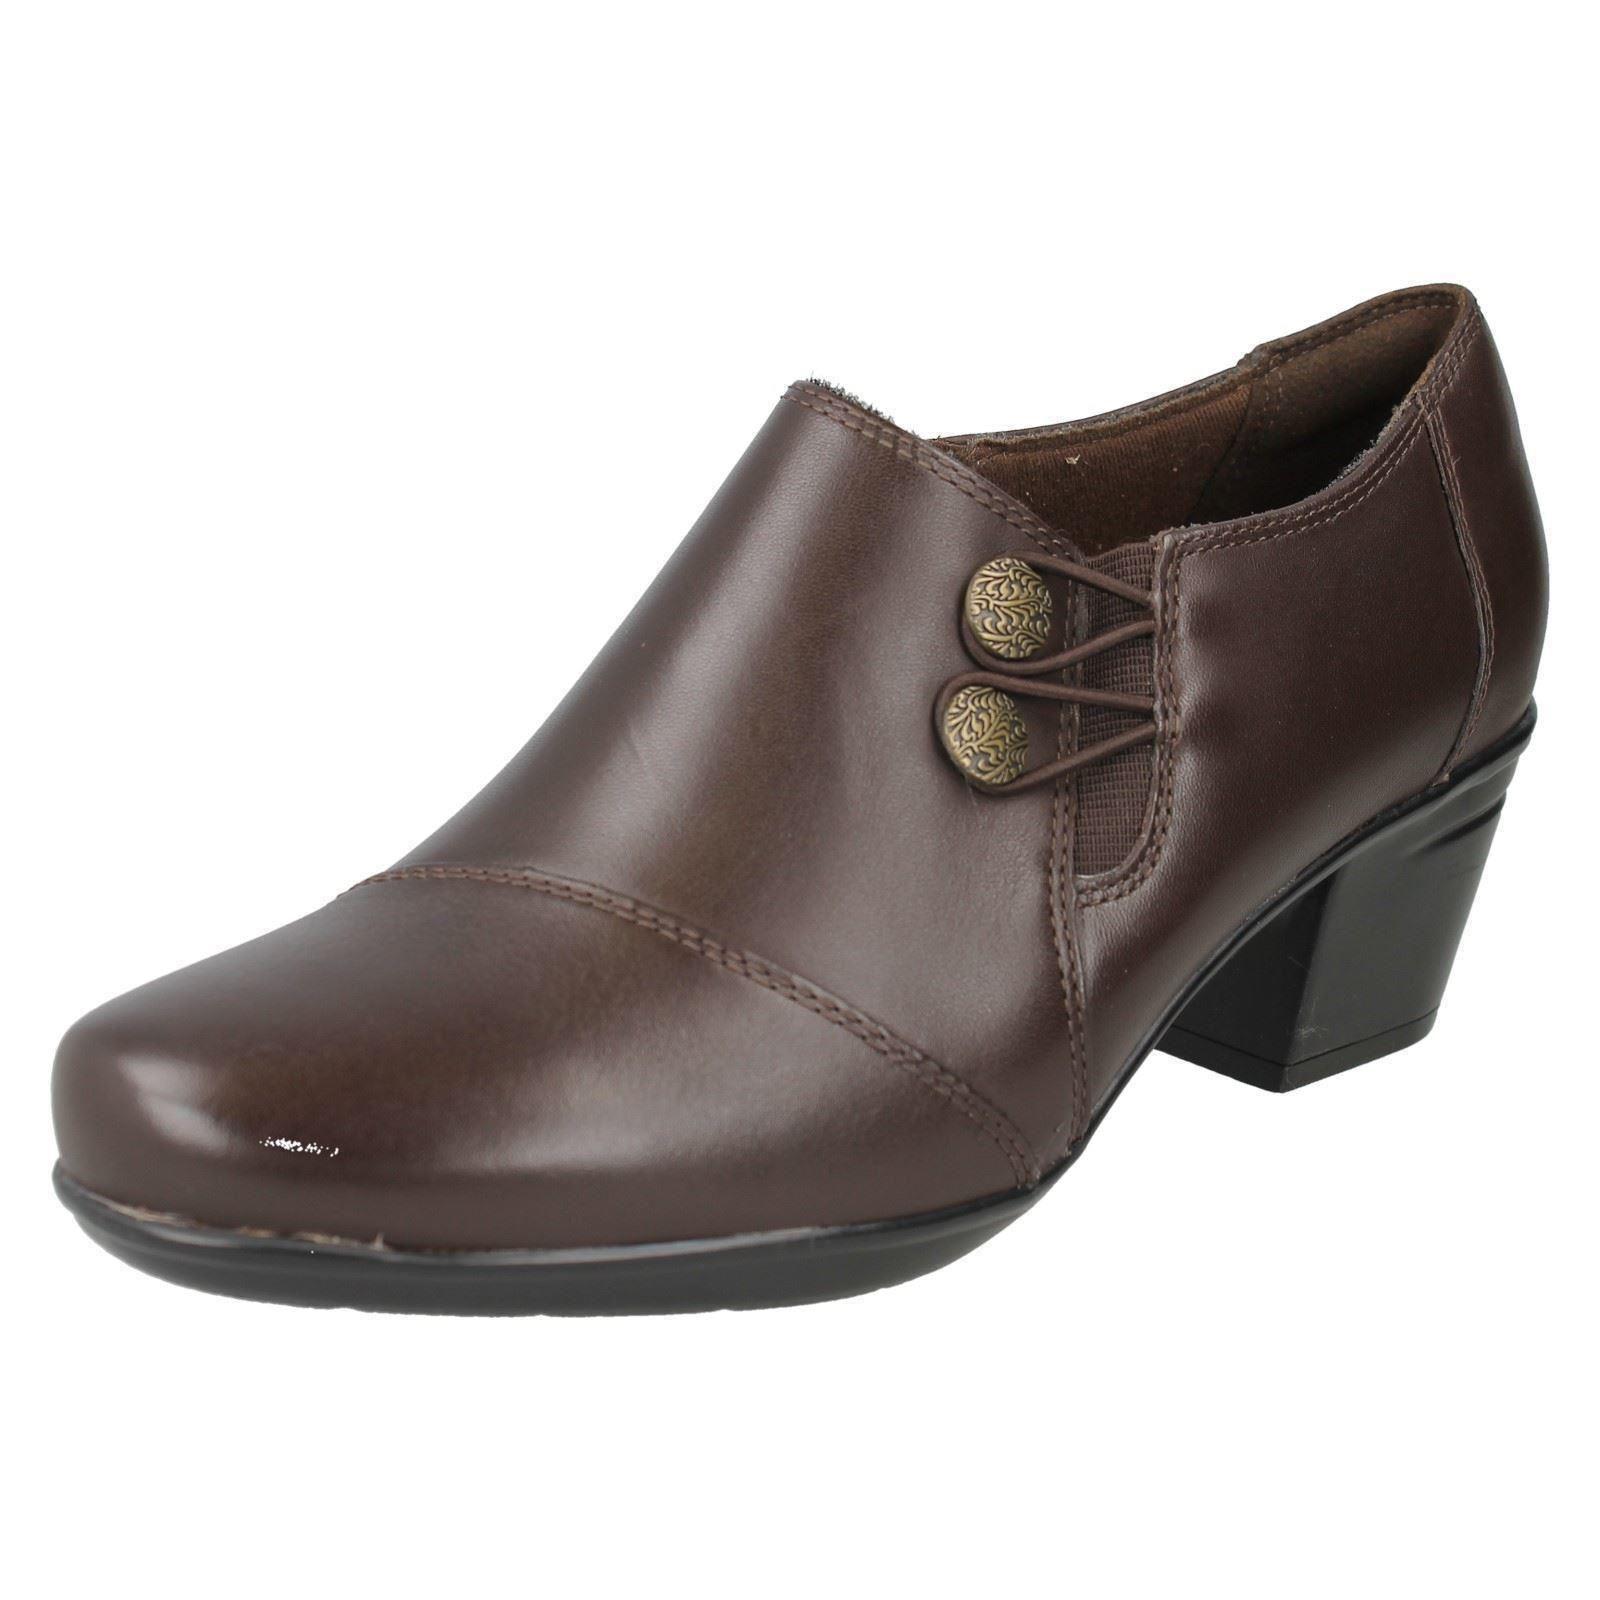 schuhe Leather braun Warren Emslie Clarks LadieS With